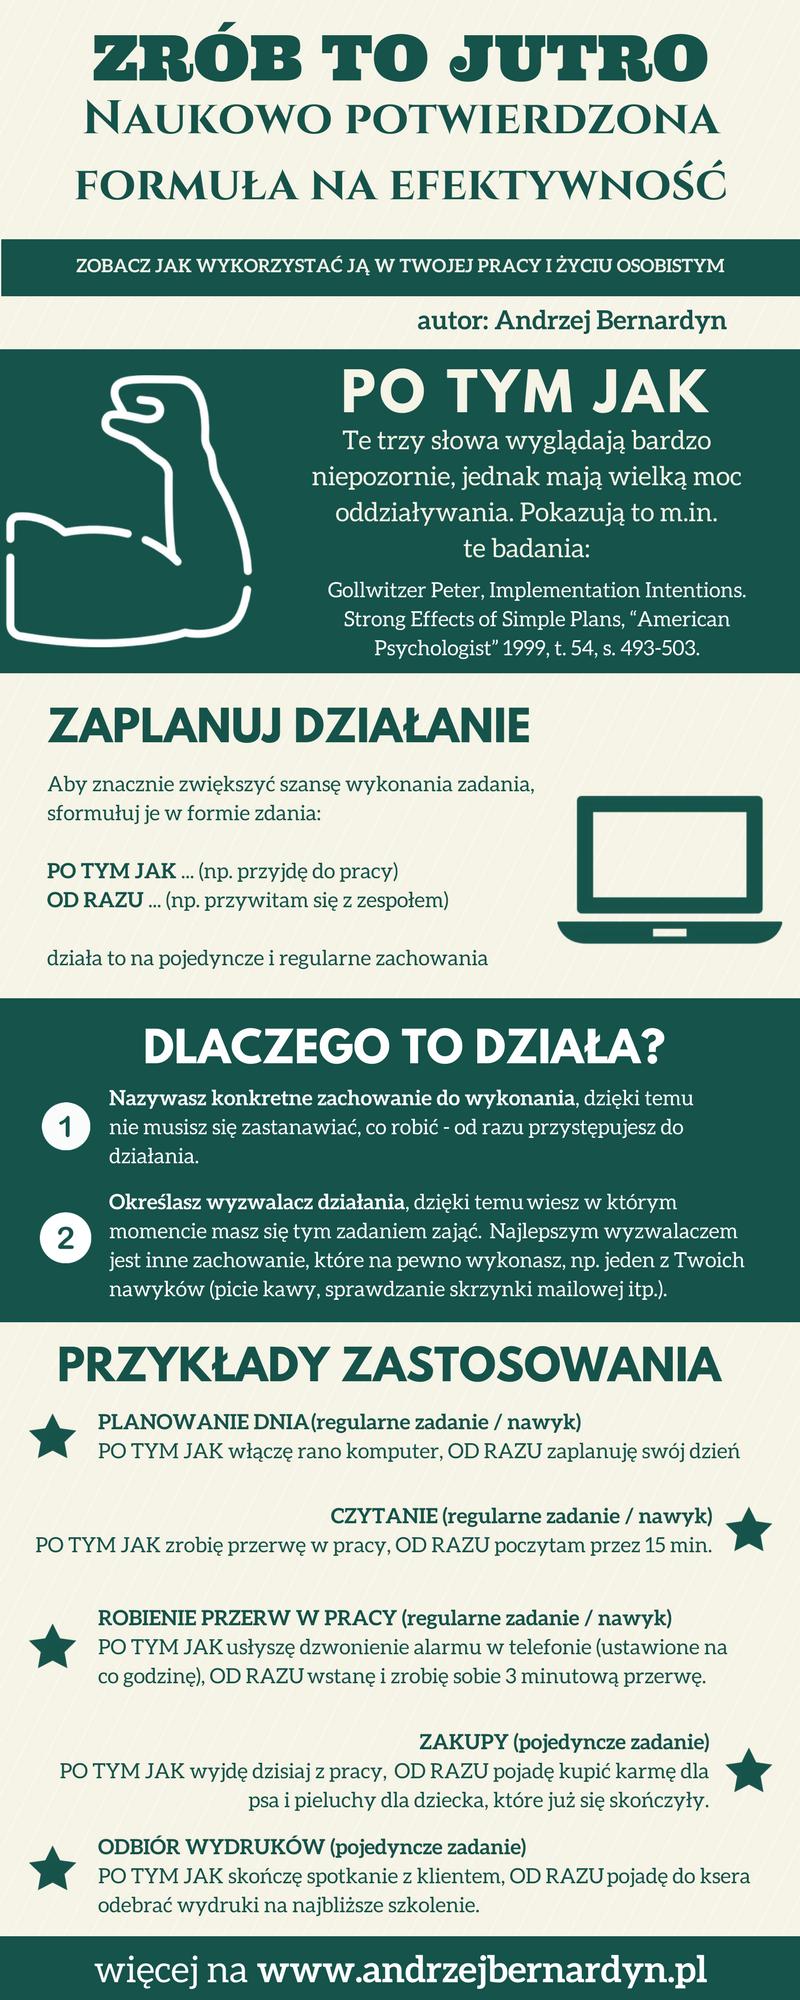 Zrob To Jutro - Andrzej Bernardyn